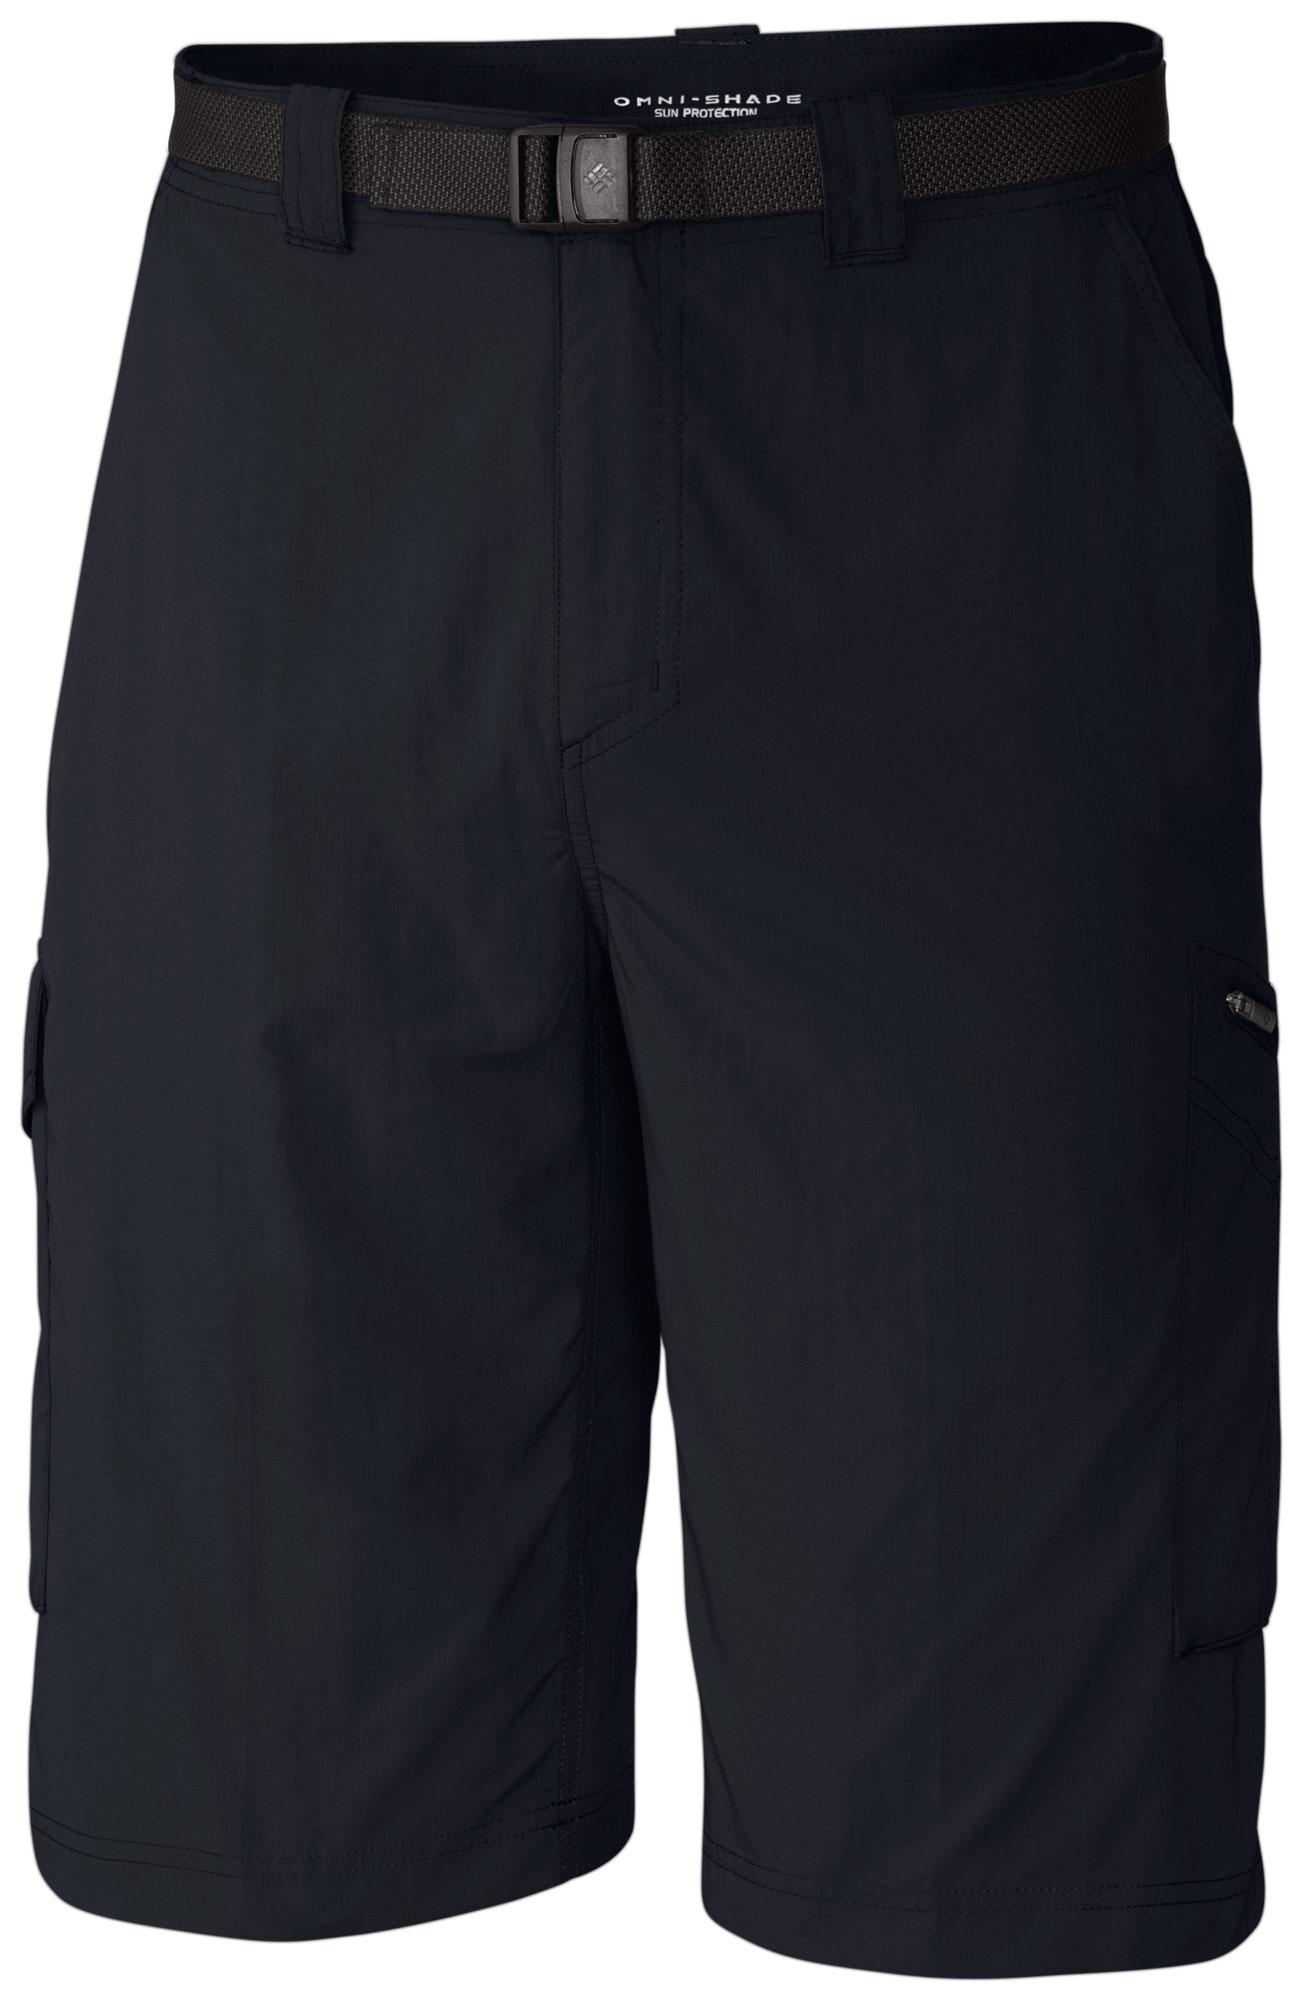 Pánské šortky s postranními kapsami